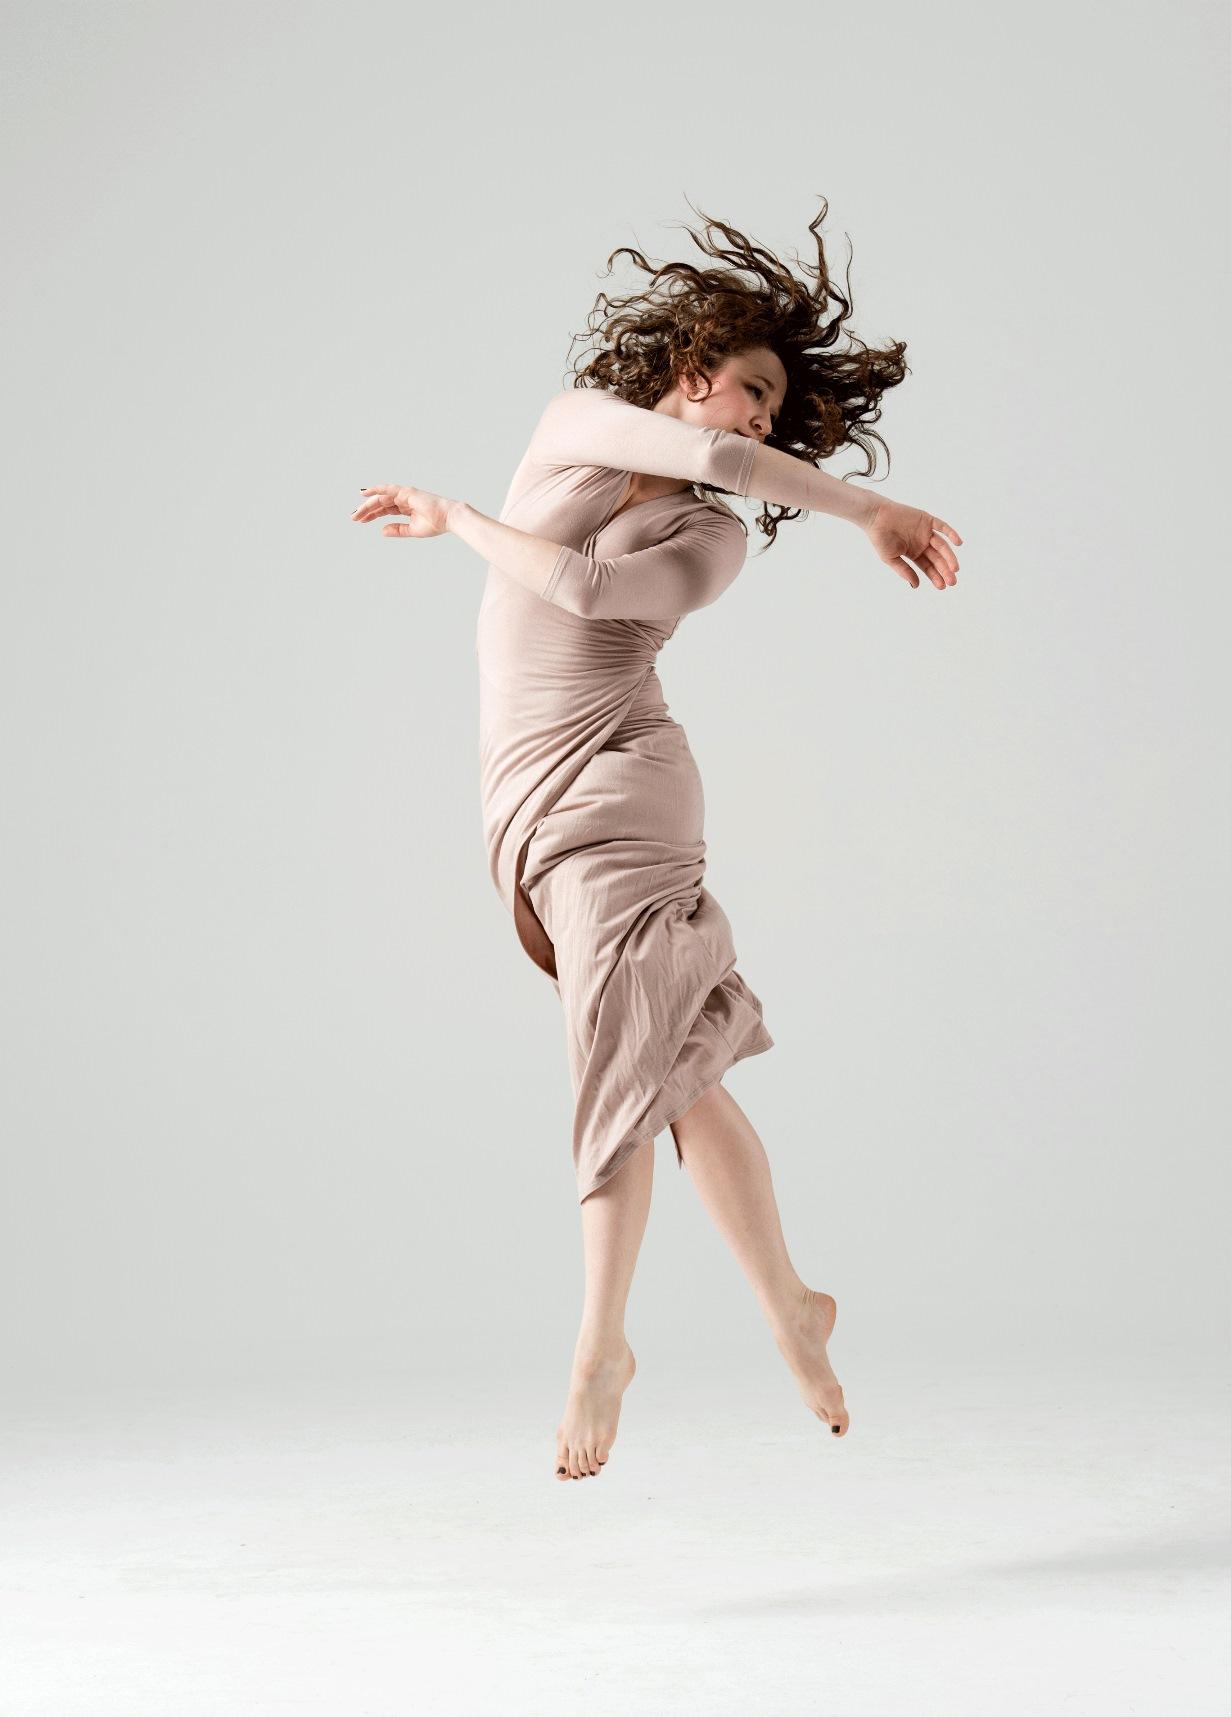 Asheville Ballet at Roger McGuire Park